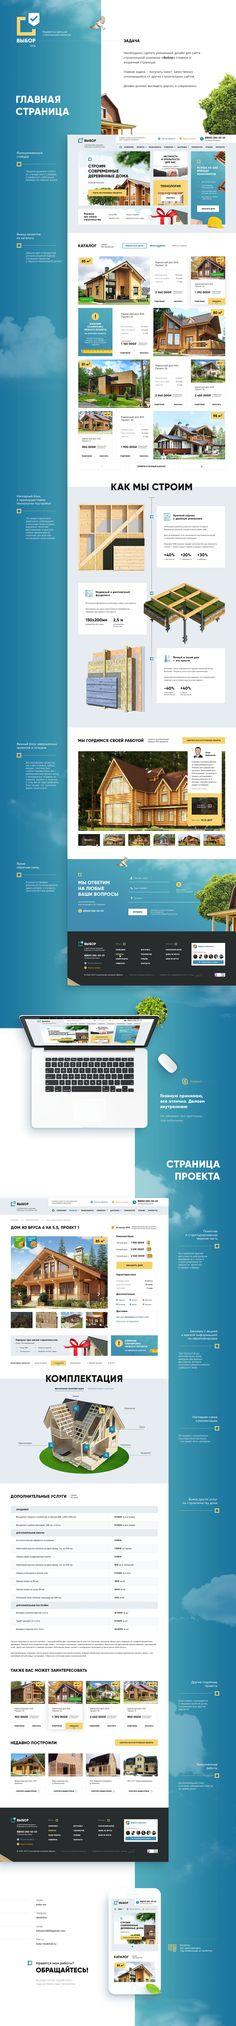 Site Templates on WordPress Plus Layout Web, Website Design Layout, Layout Design, Graphisches Design, Page Design, Photoshop Web Design, Mise En Page Web, Pag Web, Template Web